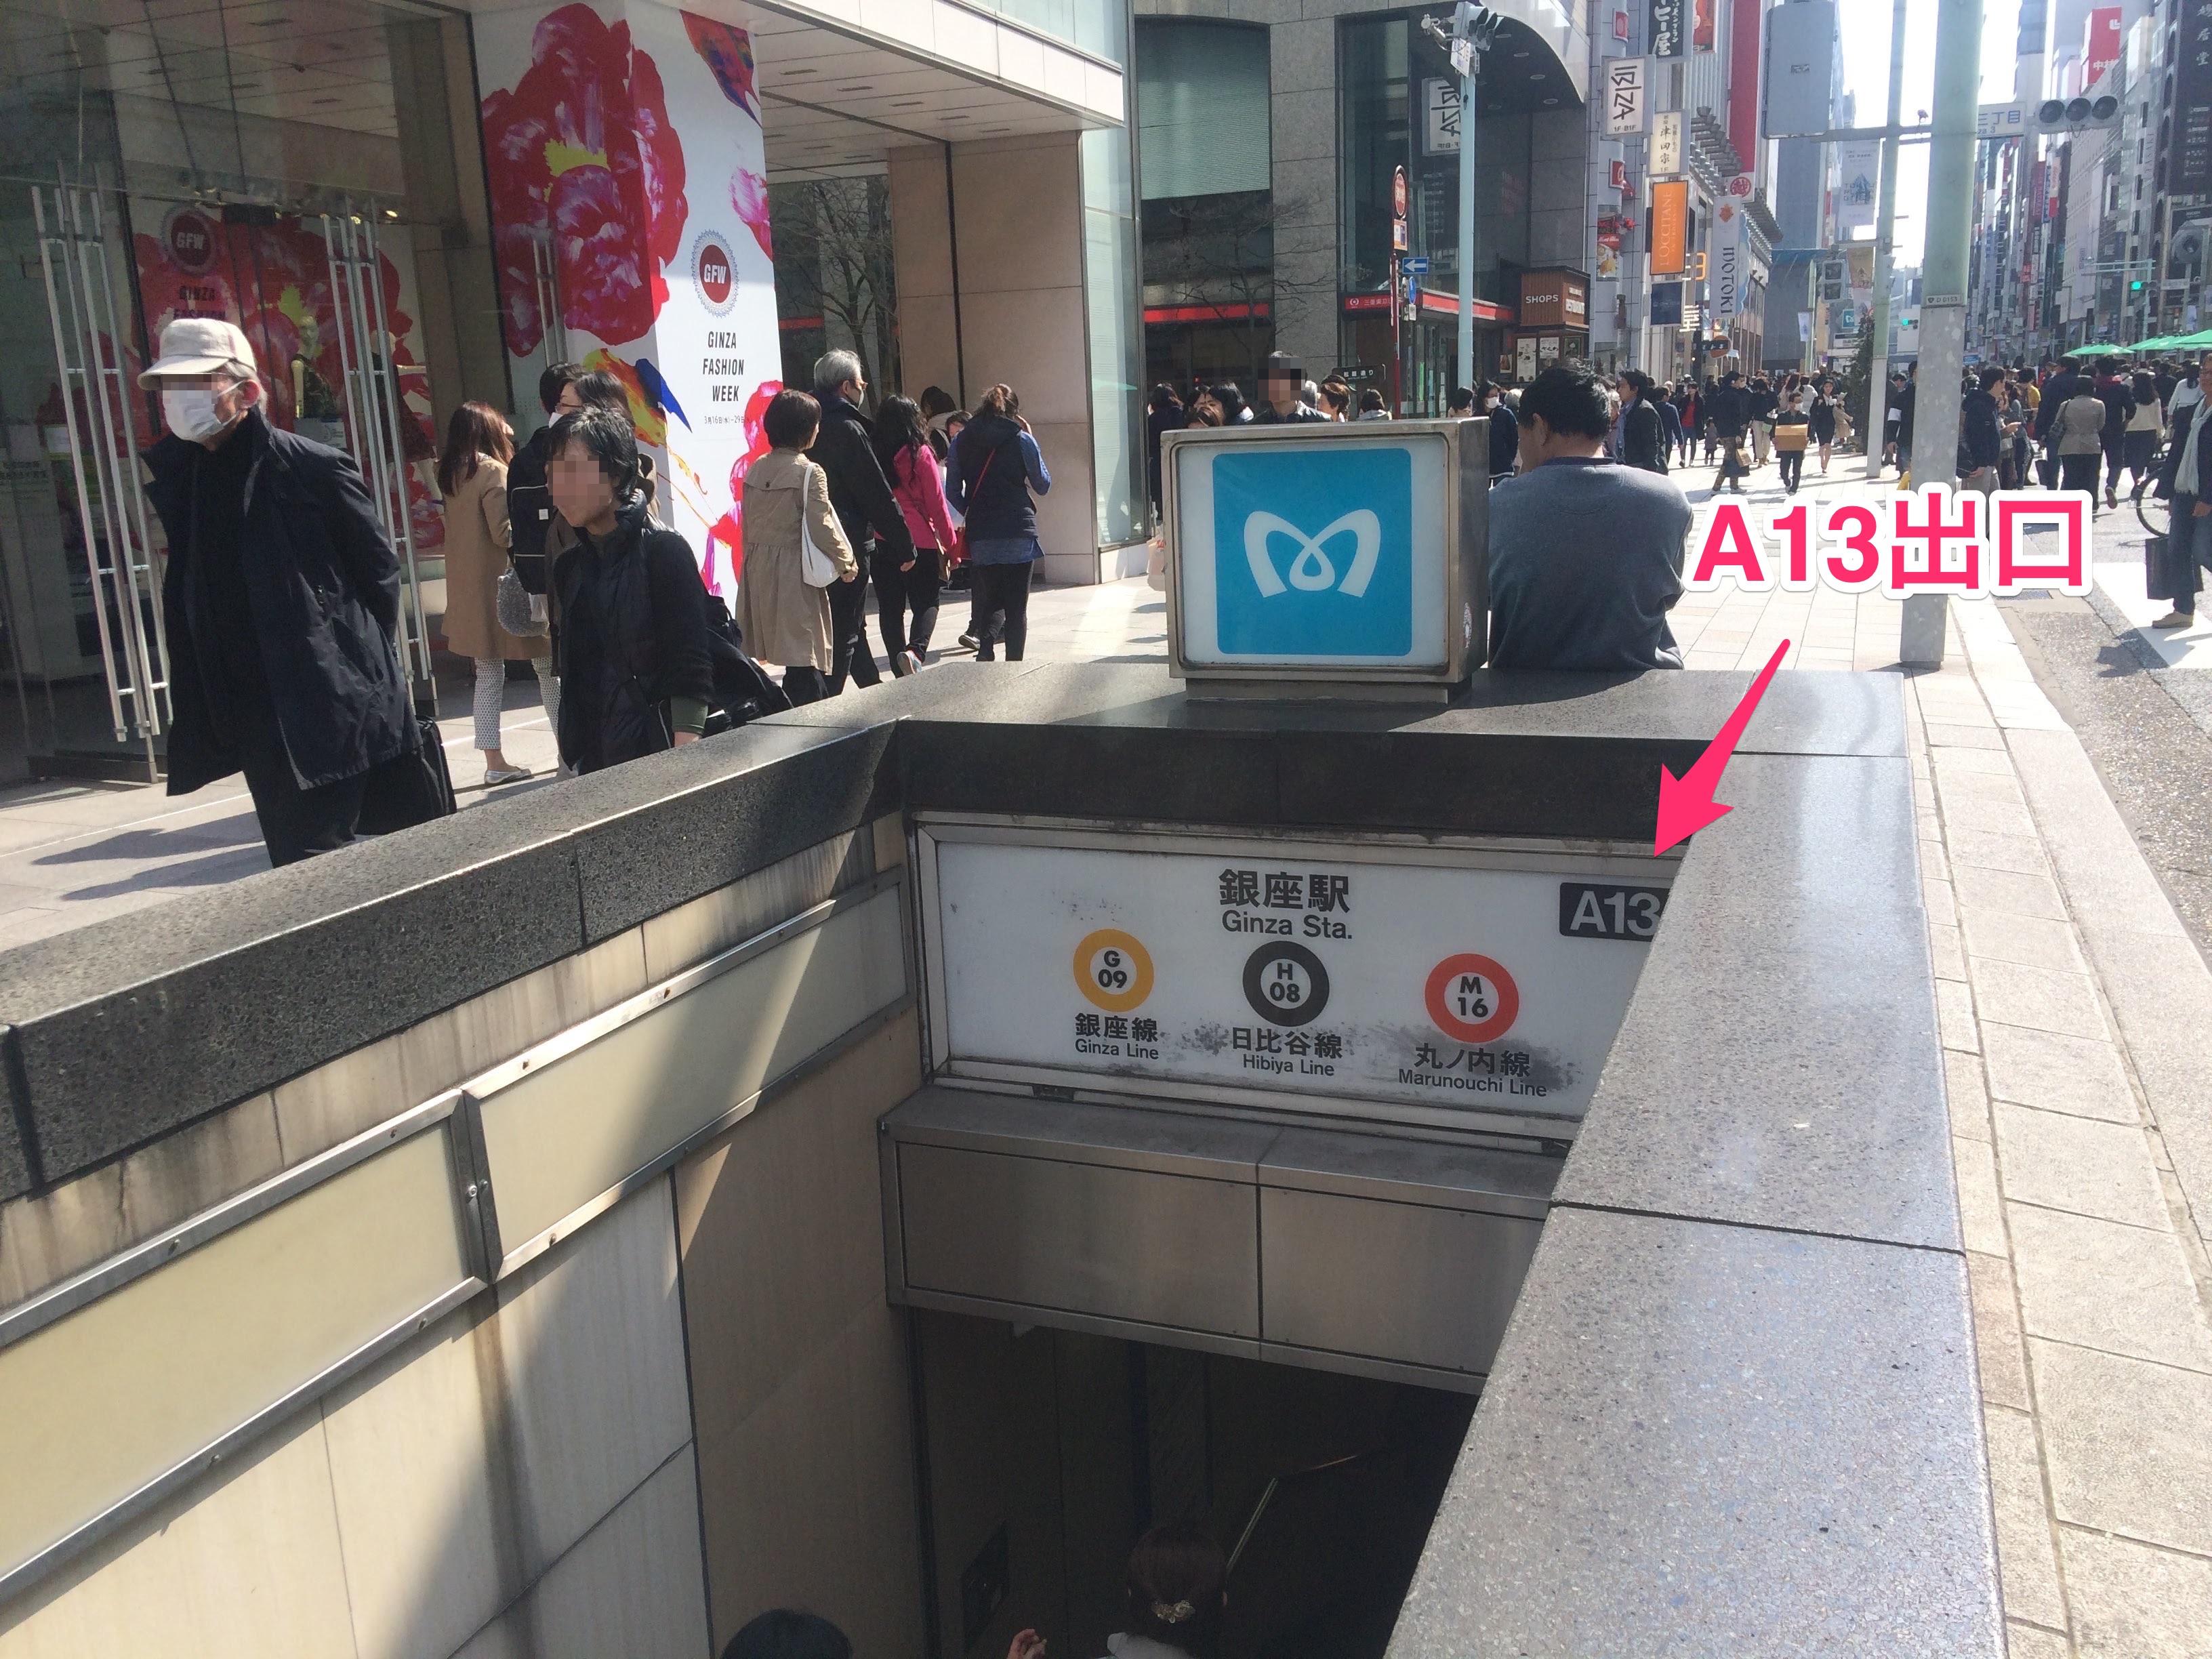 銀座駅A13出口